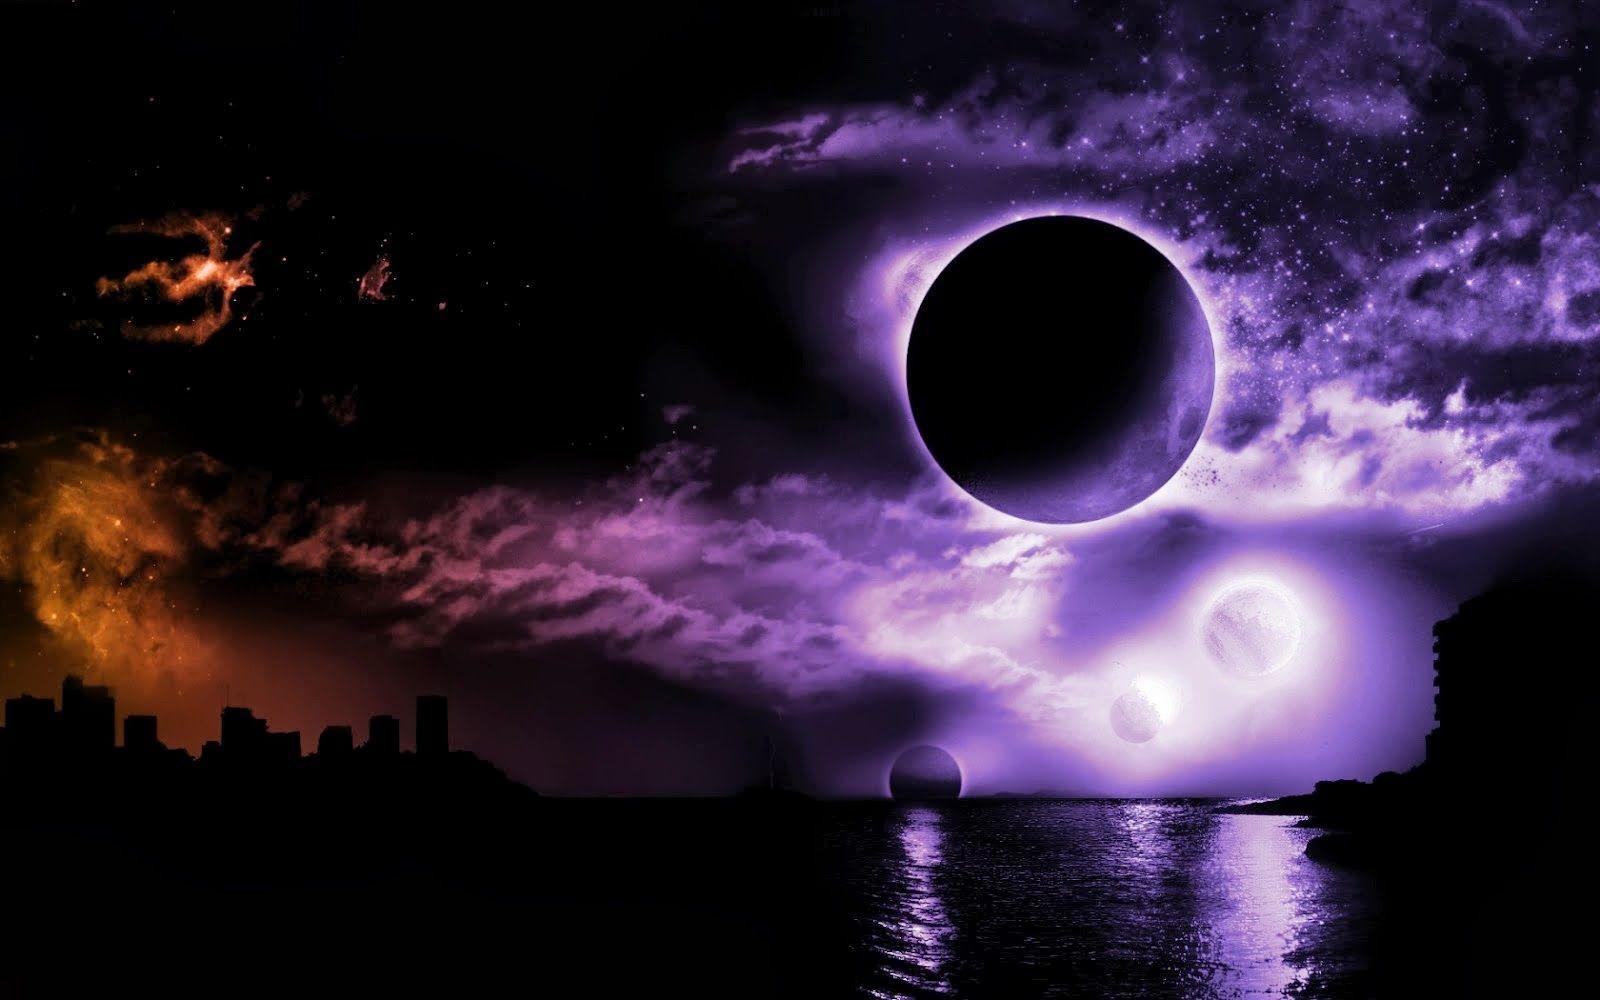 Trippy Space Wallpaper 1080p Dczey Sukur Xyz Anime Art Dark Dark Moon Dark Anime